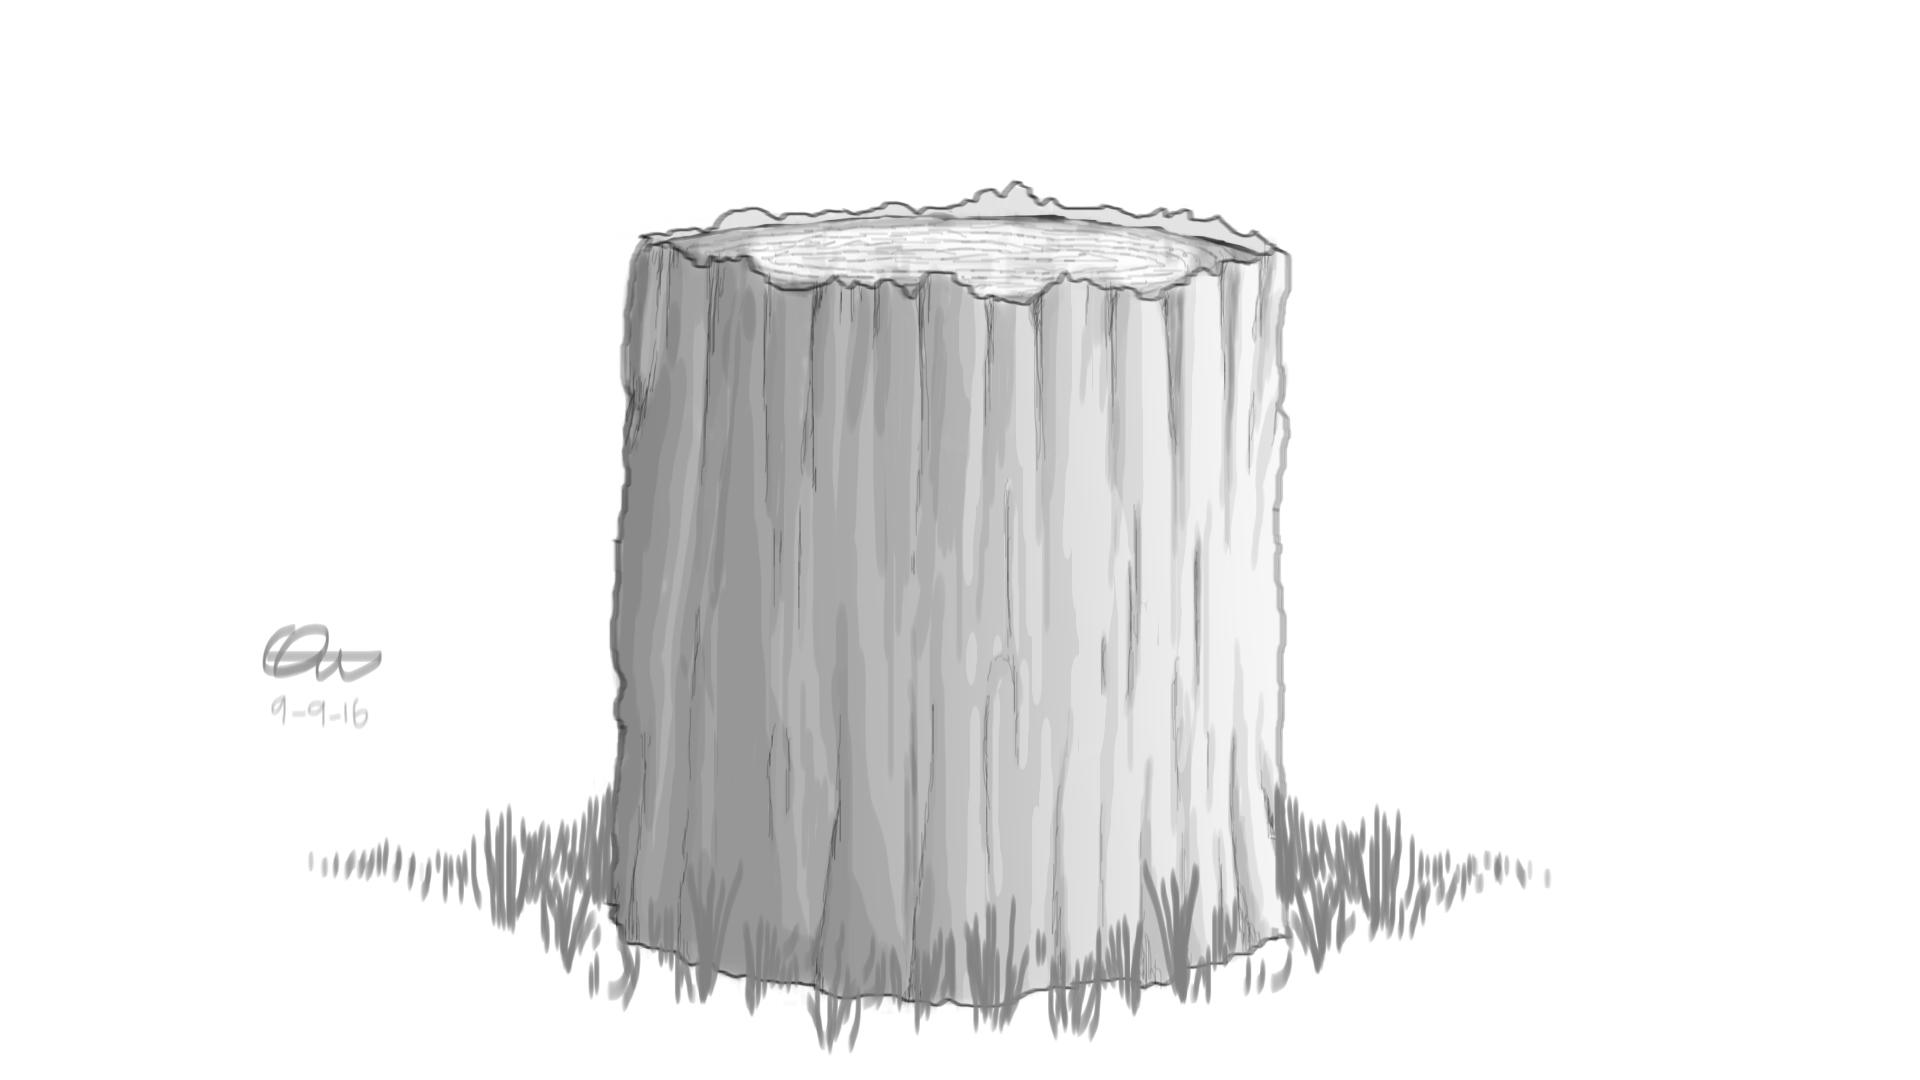 Log Concept art - Quinamations